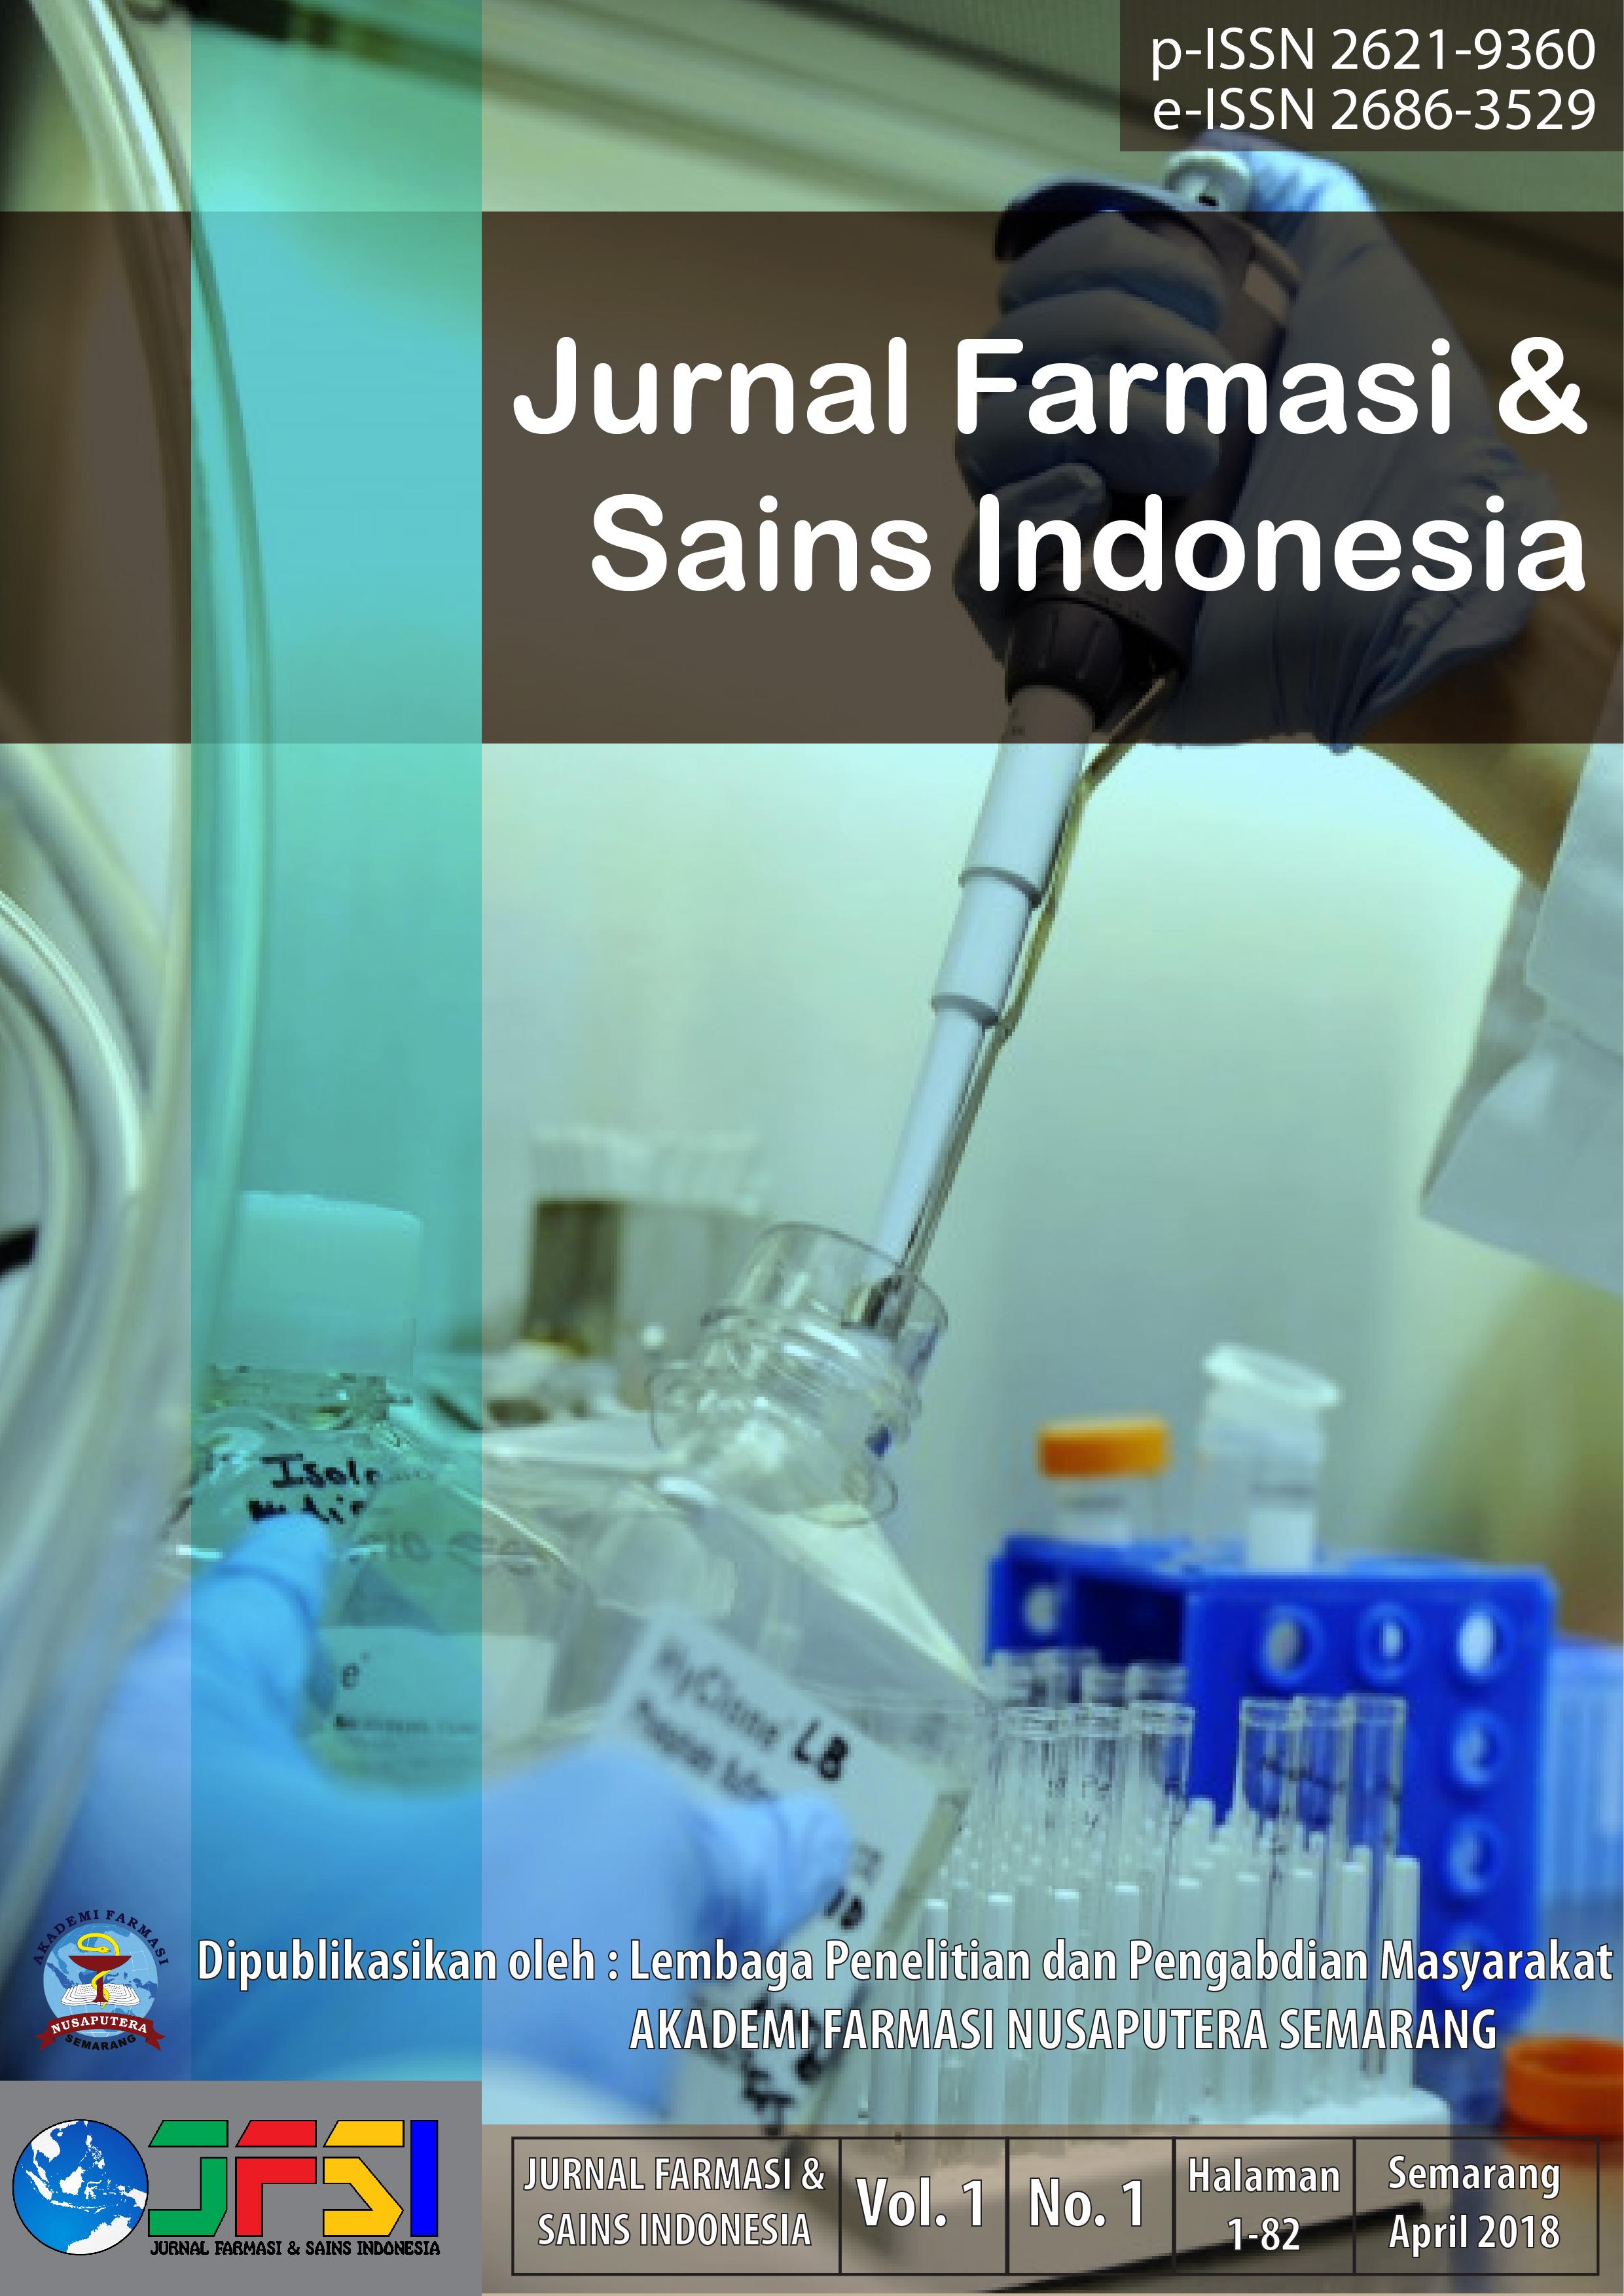 JFSI Vol. 1 No. 1